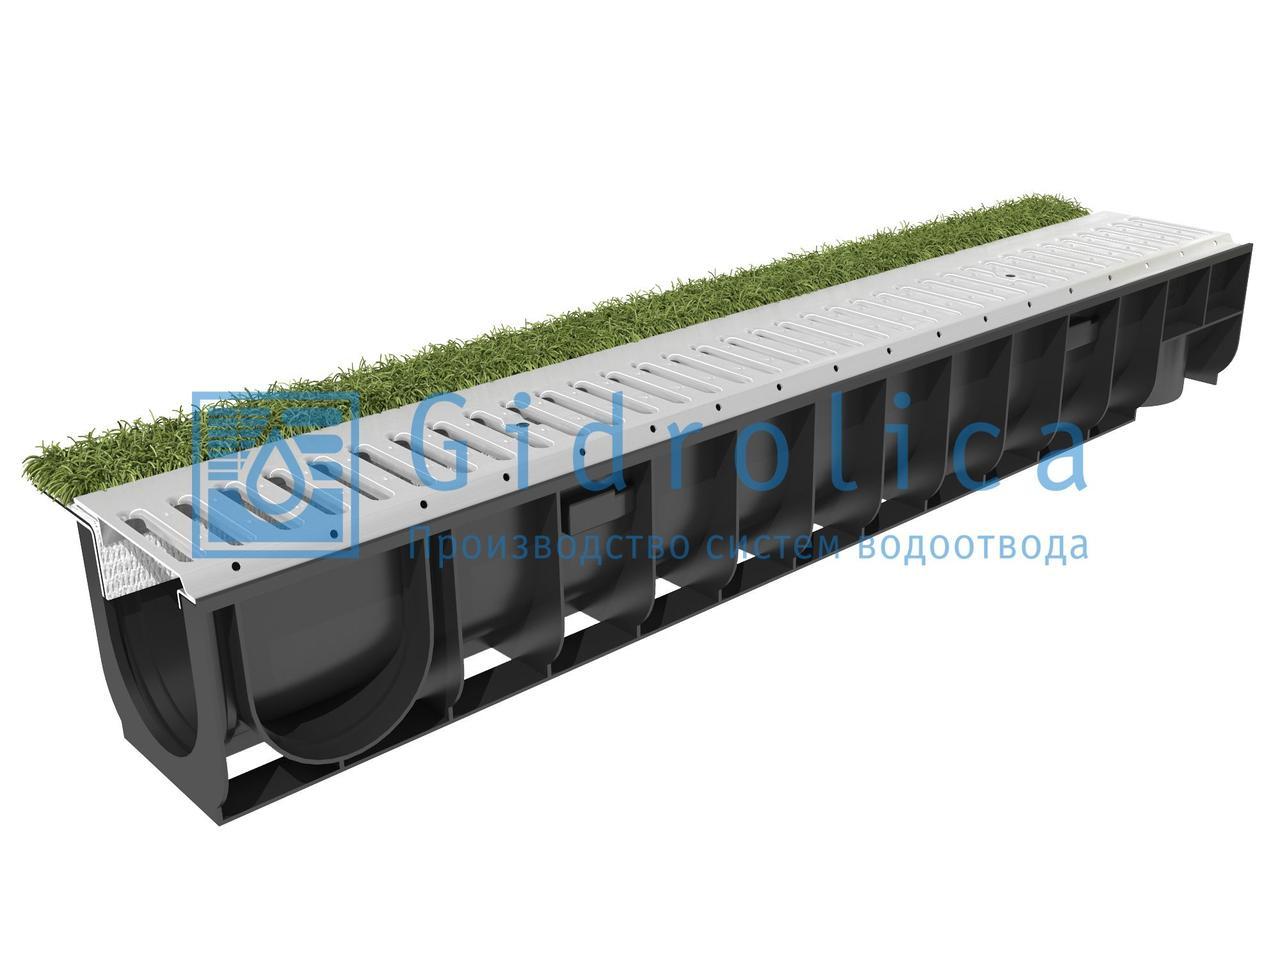 Комплект Gidrolica Sport: лоток водоотводный ЛВ-10.14,5.10 пластиковый с решеткой РВ-10.14,2.100 стальной оцинкованной, кл.А15